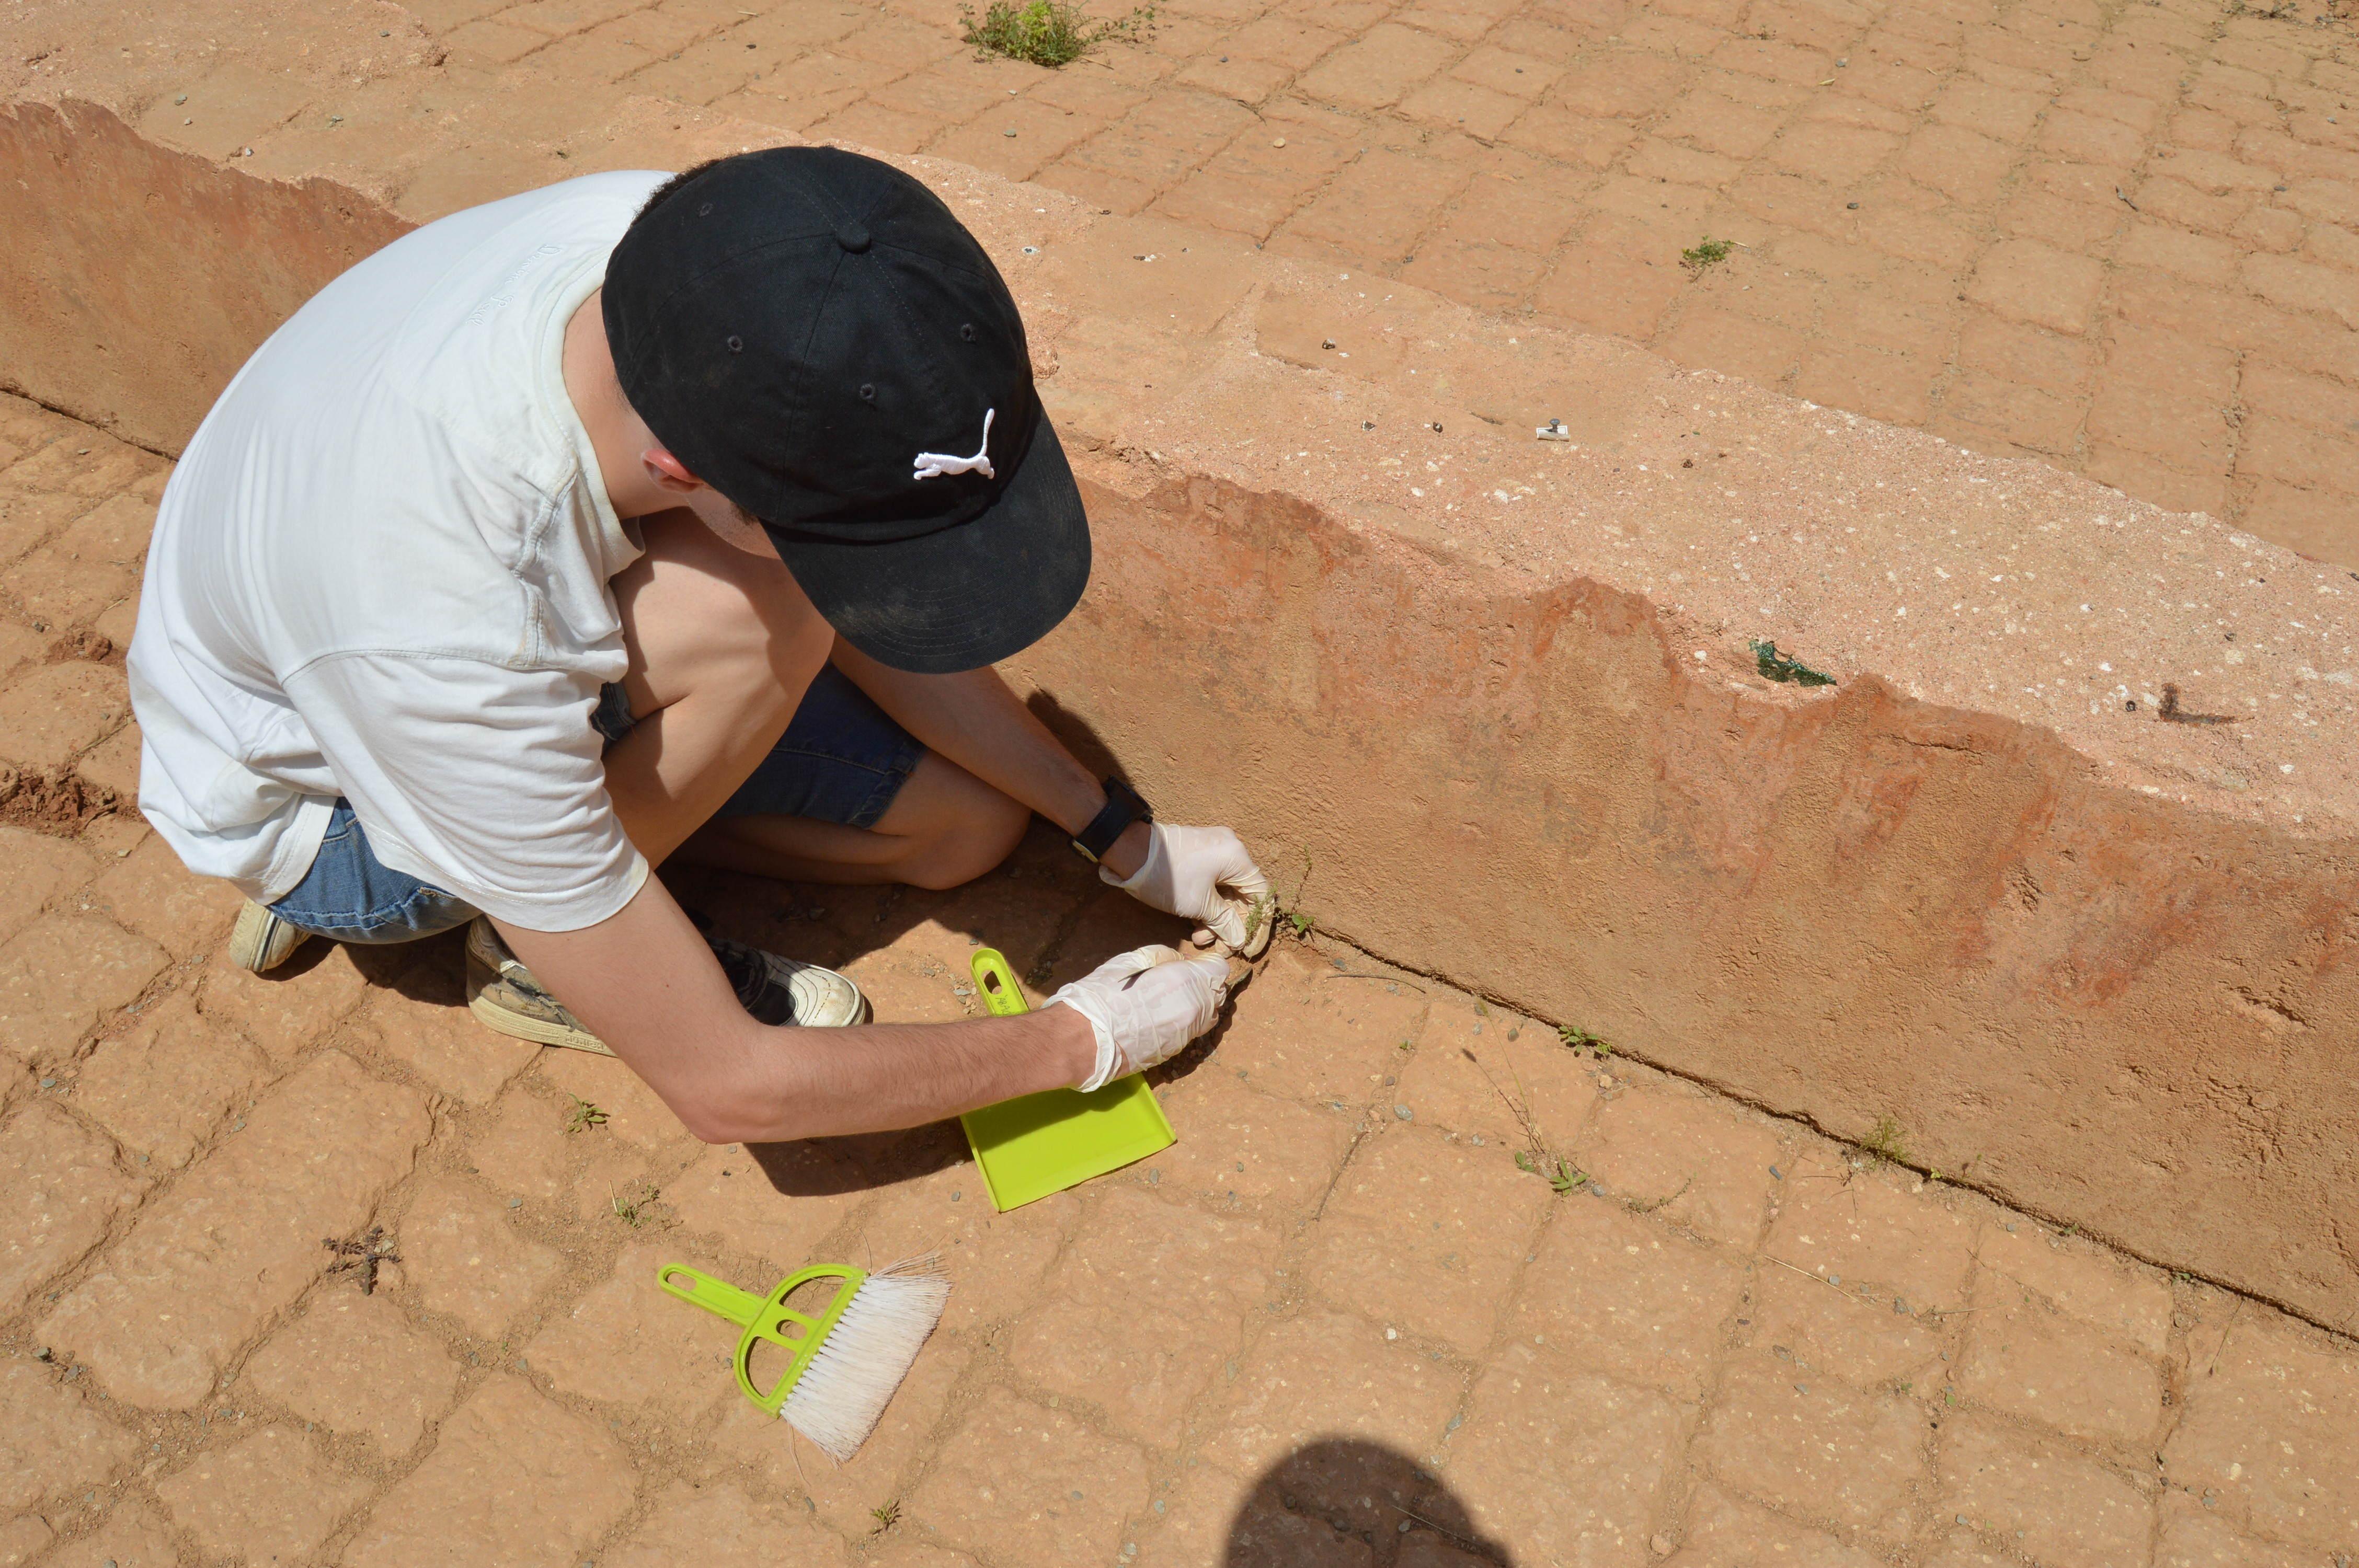 Intervenció de conservació-restauració als Jardins de Victoria de los Ángeles. A la imatge, extracció de plantes superiors les arrels de les quals malmeten junts de murs o afavoreixen la separació dels revestiments, entre d'altres. (Foto: Servei d'Arqueologia)